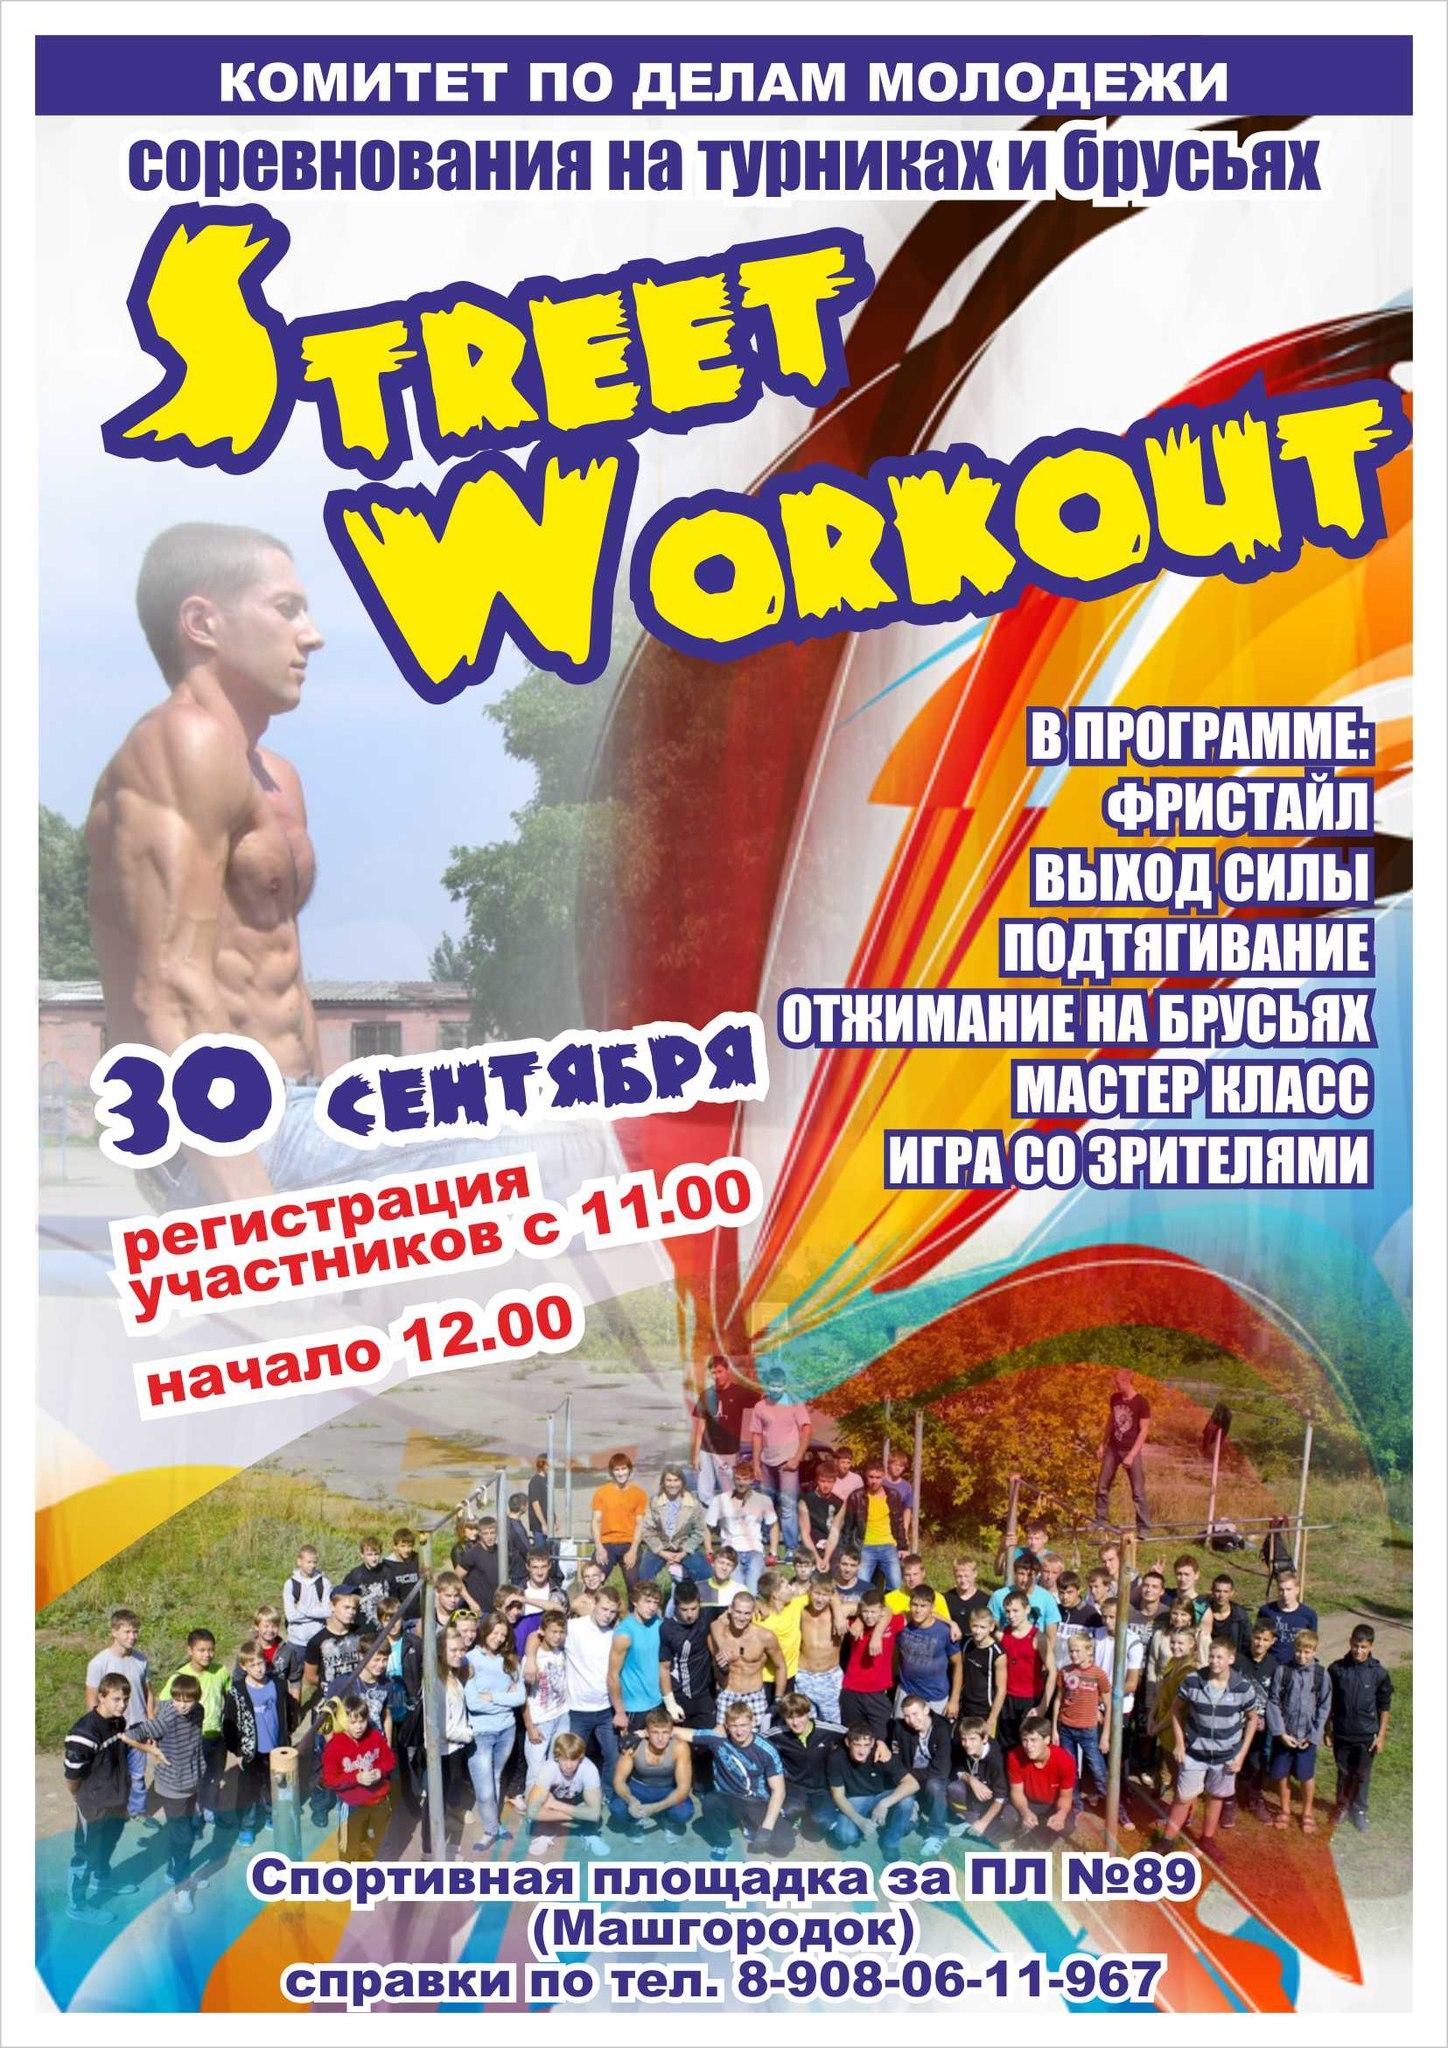 Чемпионат города Миасса по Street Workout